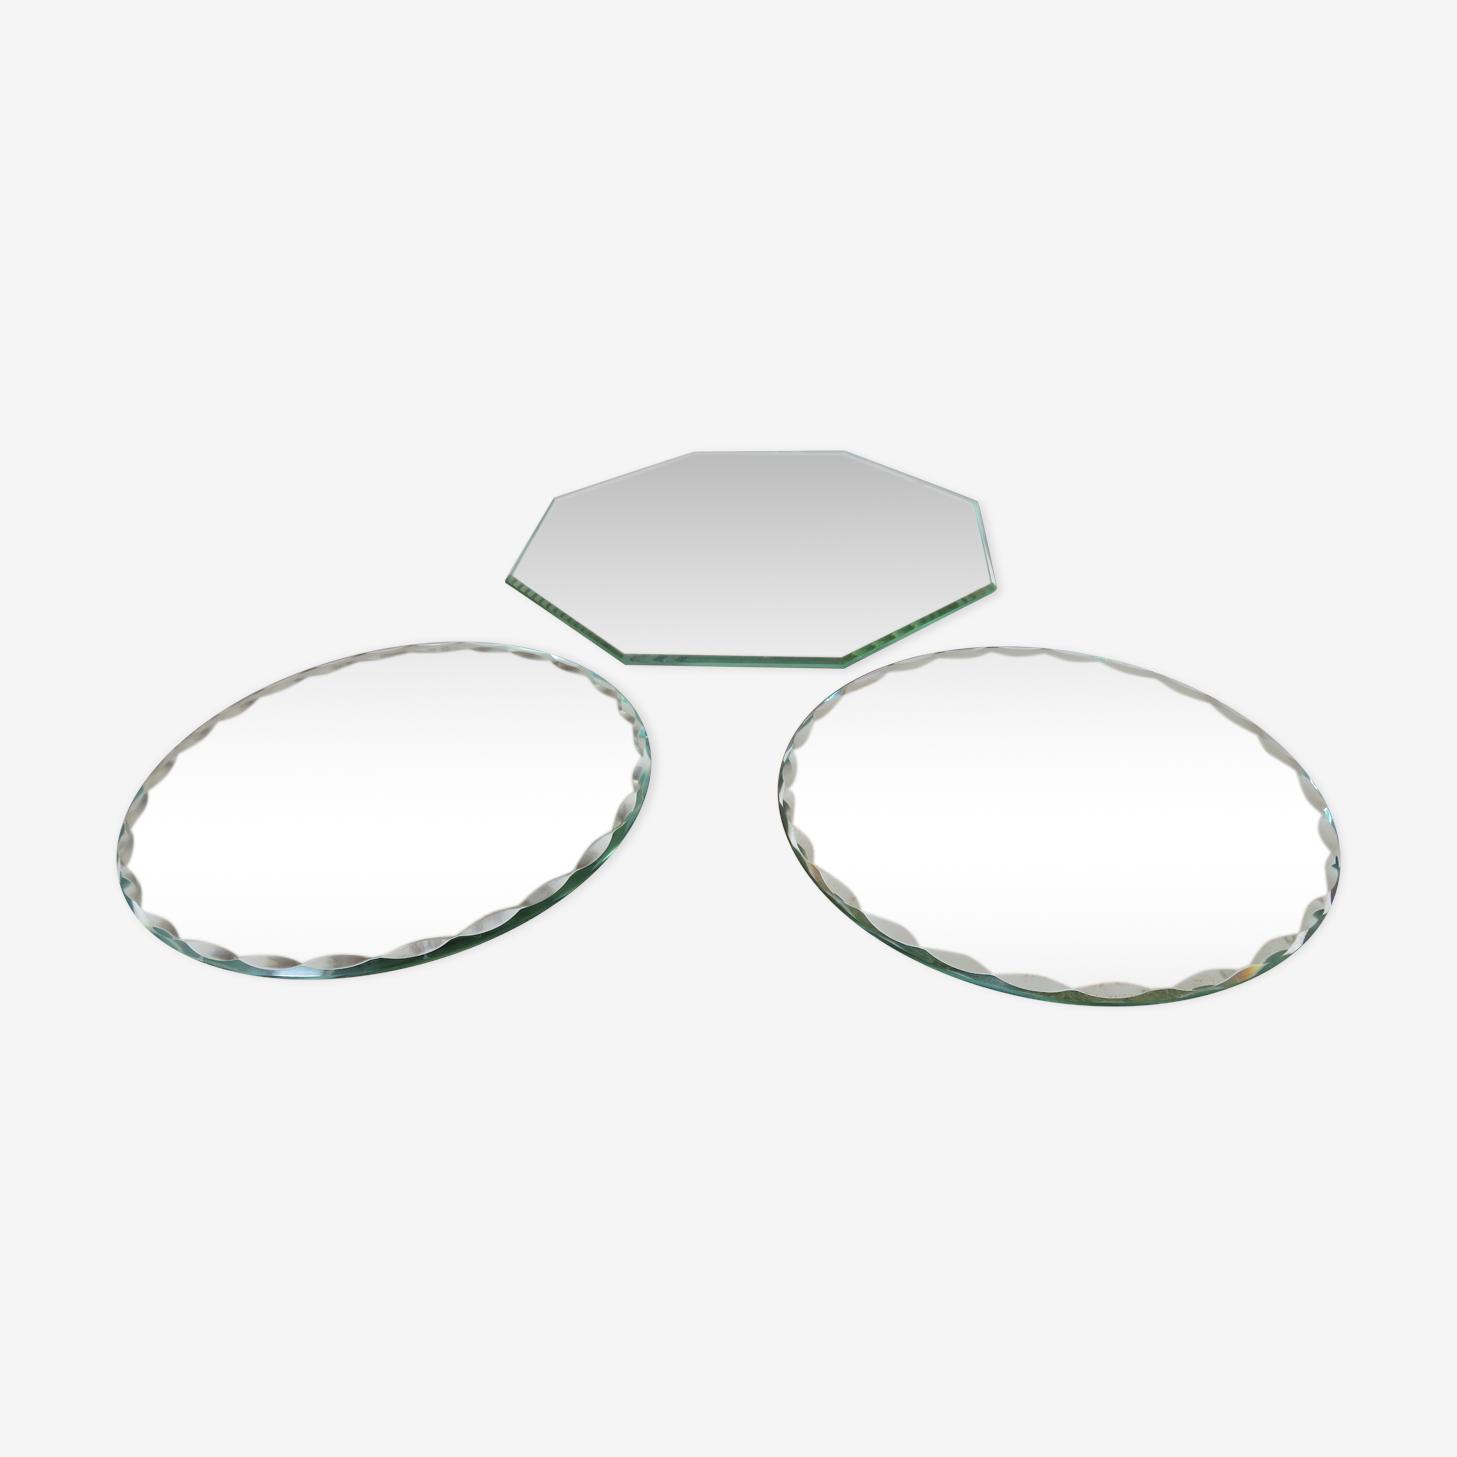 Série de 3 miroirs biseautés années 50 - 14x14cm